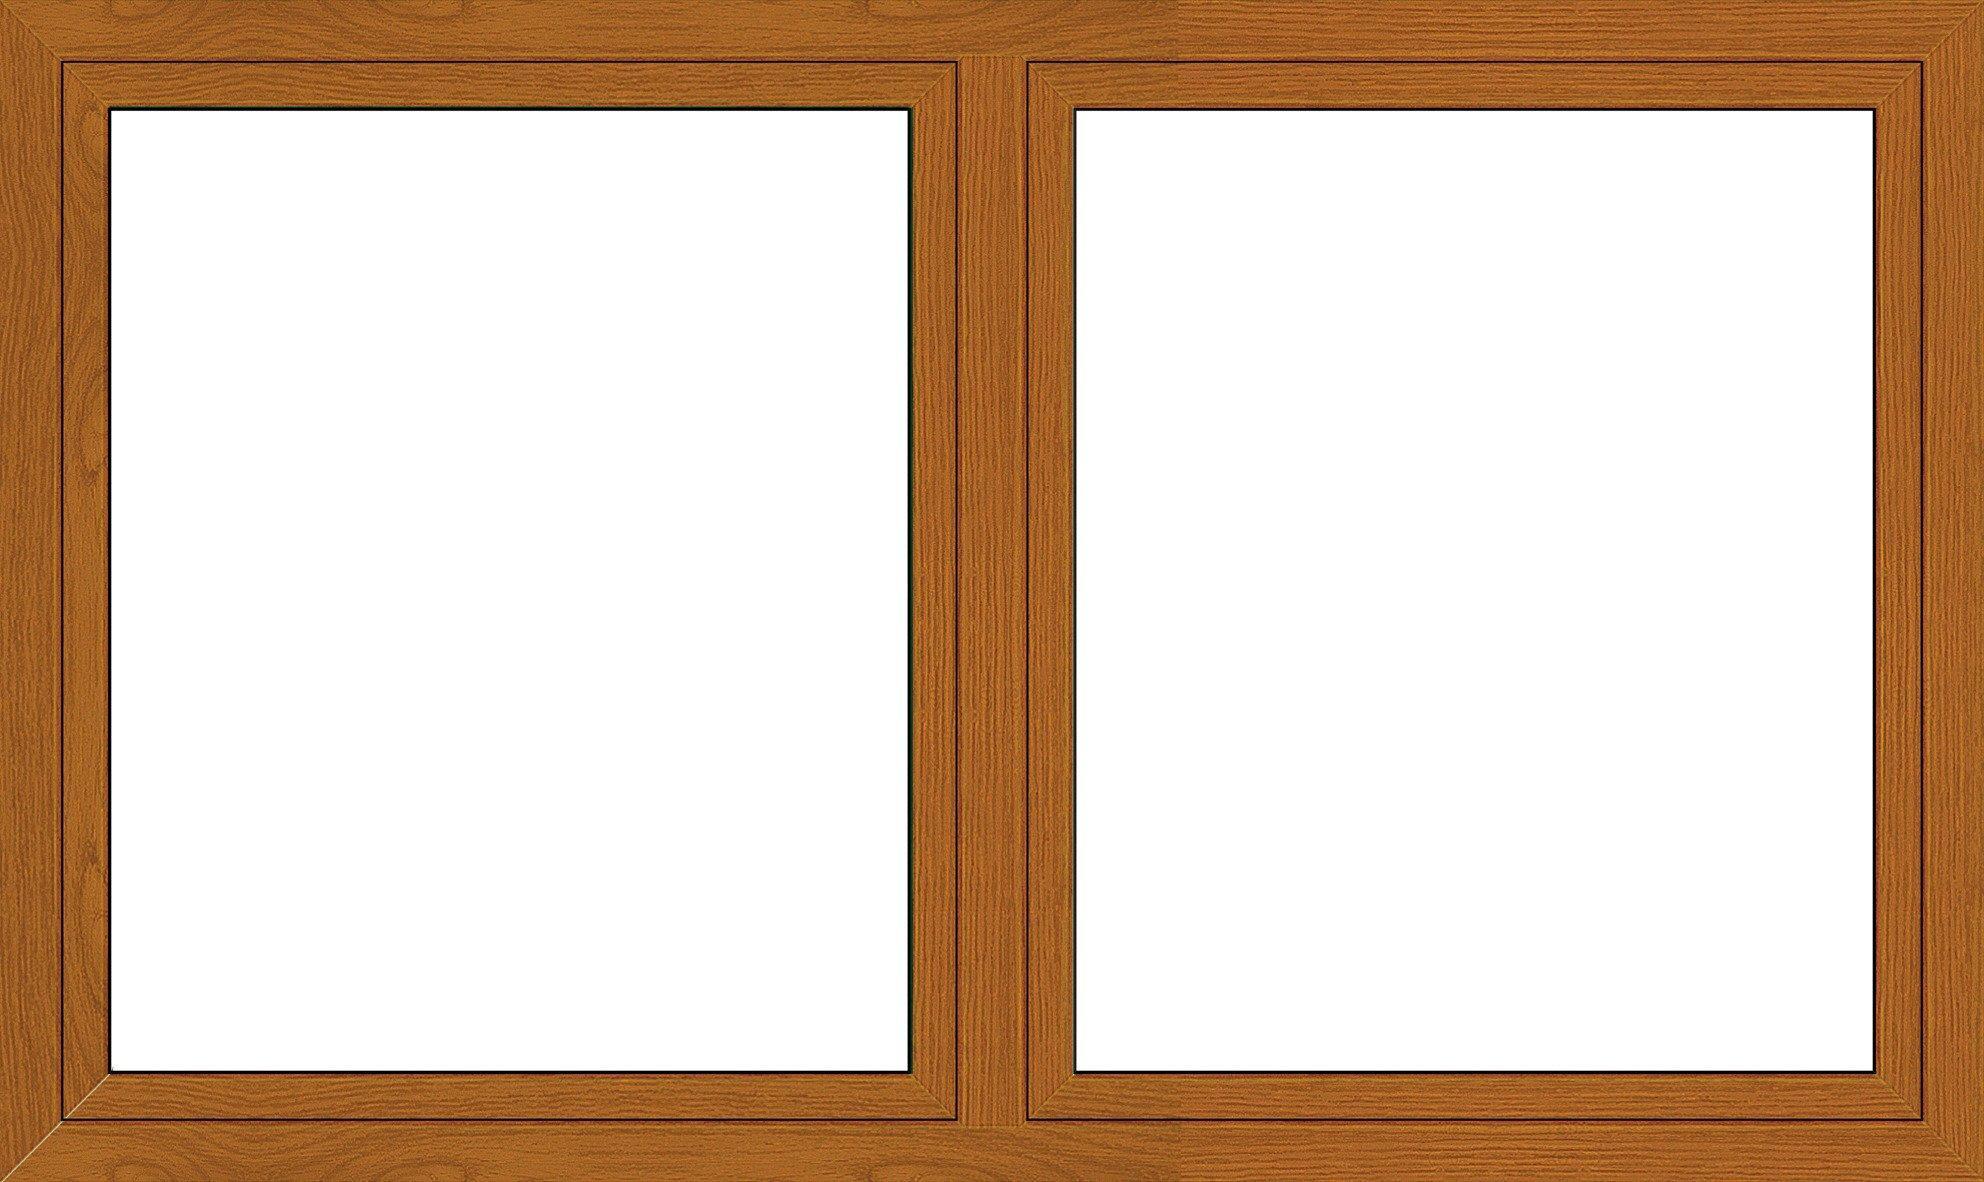 Full Size of Felux Fenster Kunststoff 3 Fach Verglasung Online Konfigurator Sonnenschutz Innen Dreh Kipp Sichtschutz Dachschräge Rollos Ohne Bohren Neue Kosten Fenster Roro Fenster